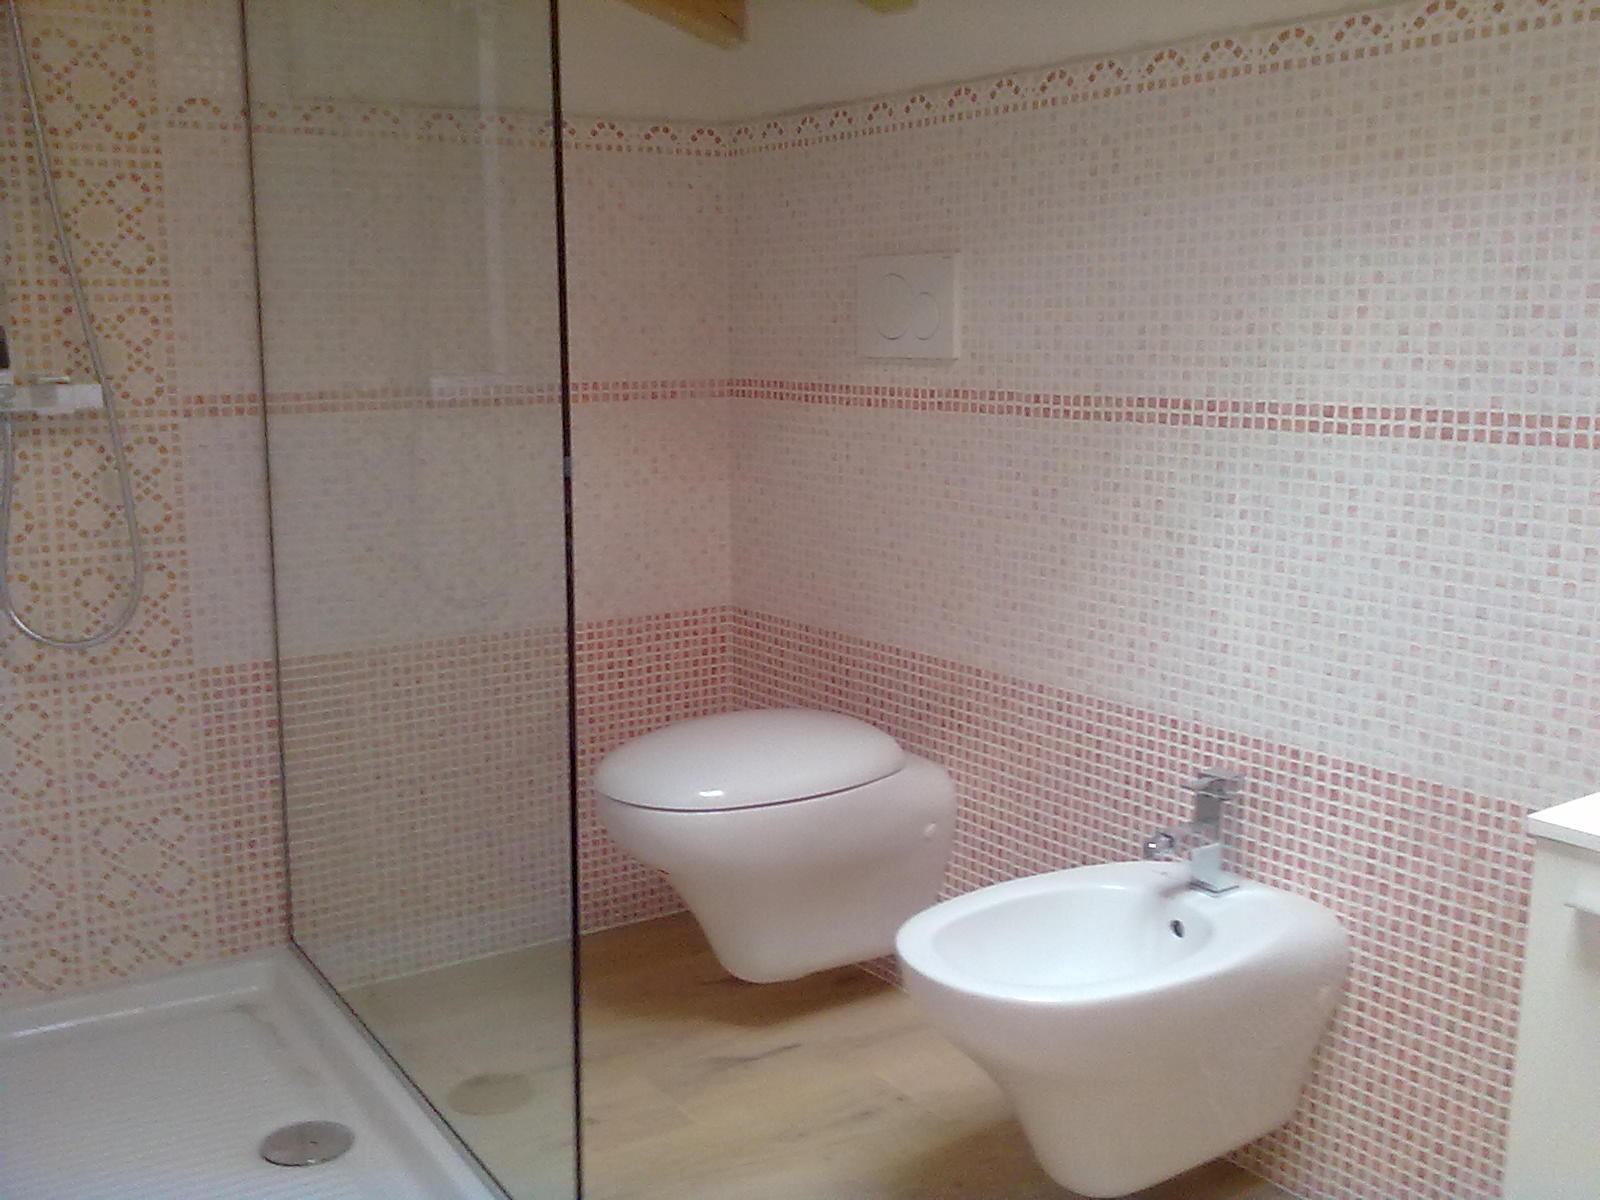 Rifacimento bagno ristrutturazioni verona arredo bagno tinteggiatura e impianti - Rifacimento del bagno ...